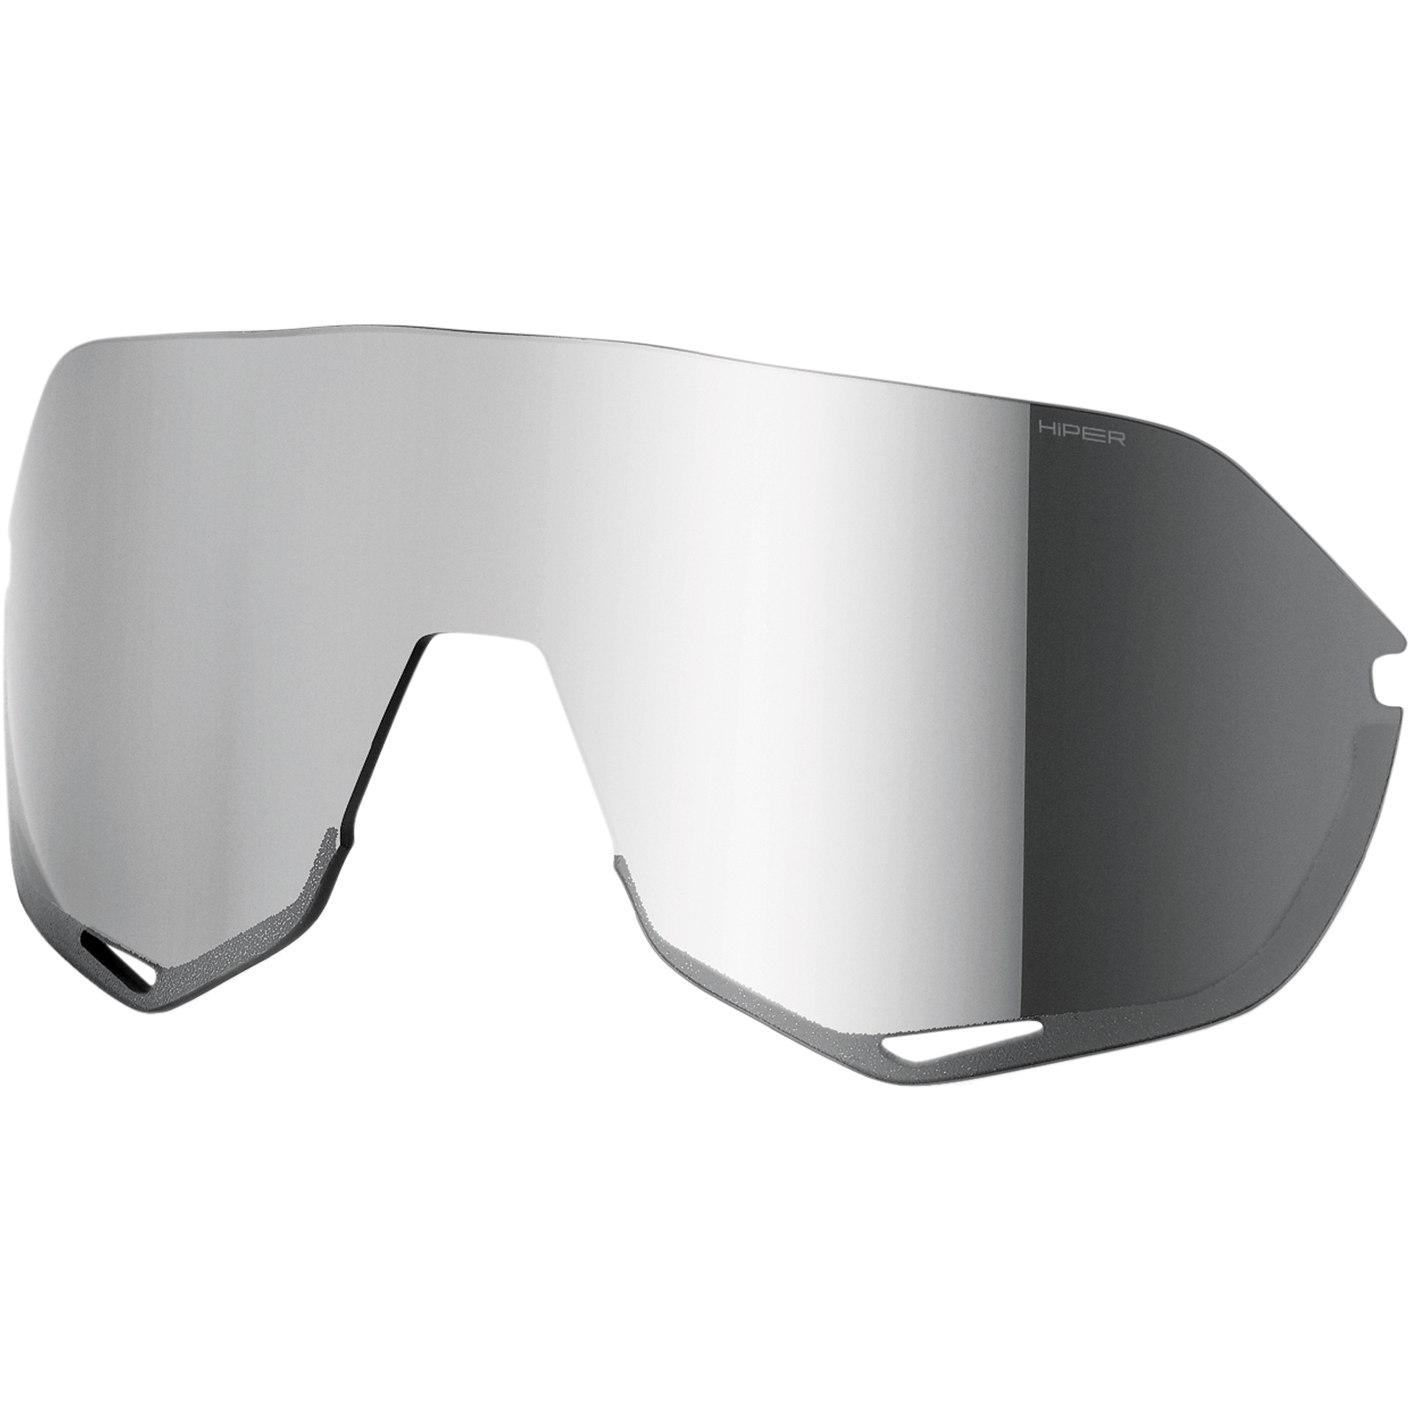 Imagen de 100% S2 HiPER Mirror Lente de repuesto - Silver